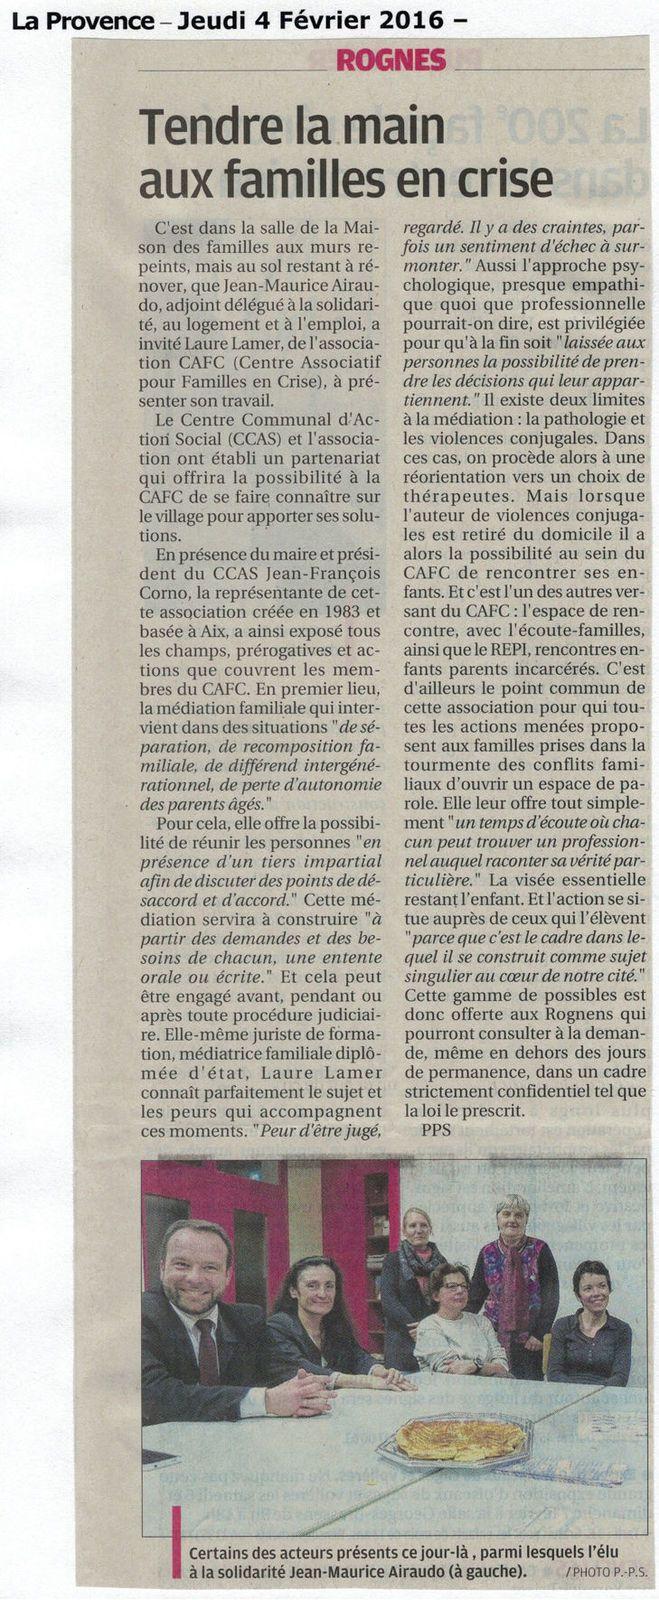 Médiation familiale: La Provence 4 février 2016